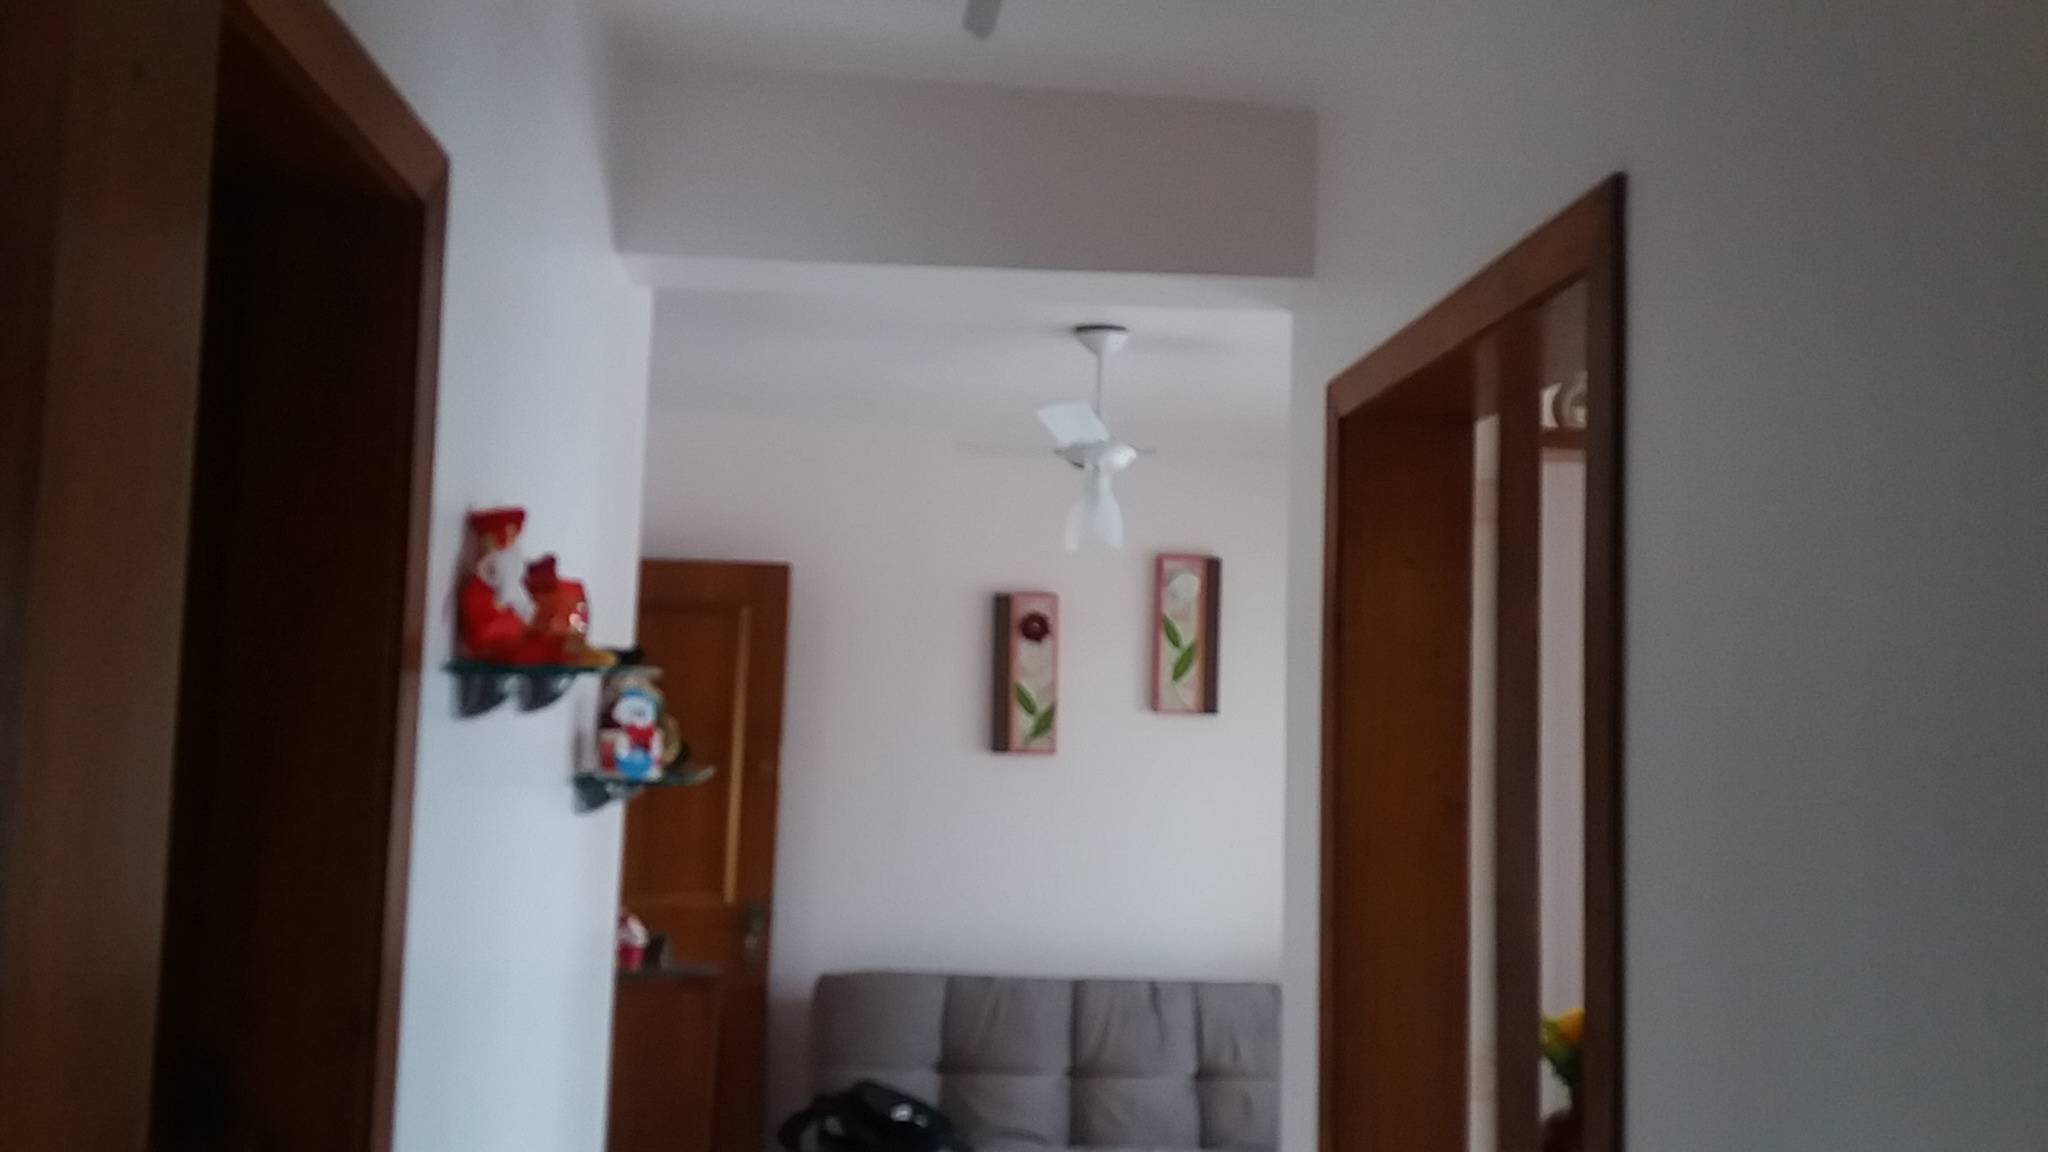 Cama Na Sala Pousada Kalunga Sofcama Na Sala No Studio De Um  -> Papel De Parede Para Sala Kalunga